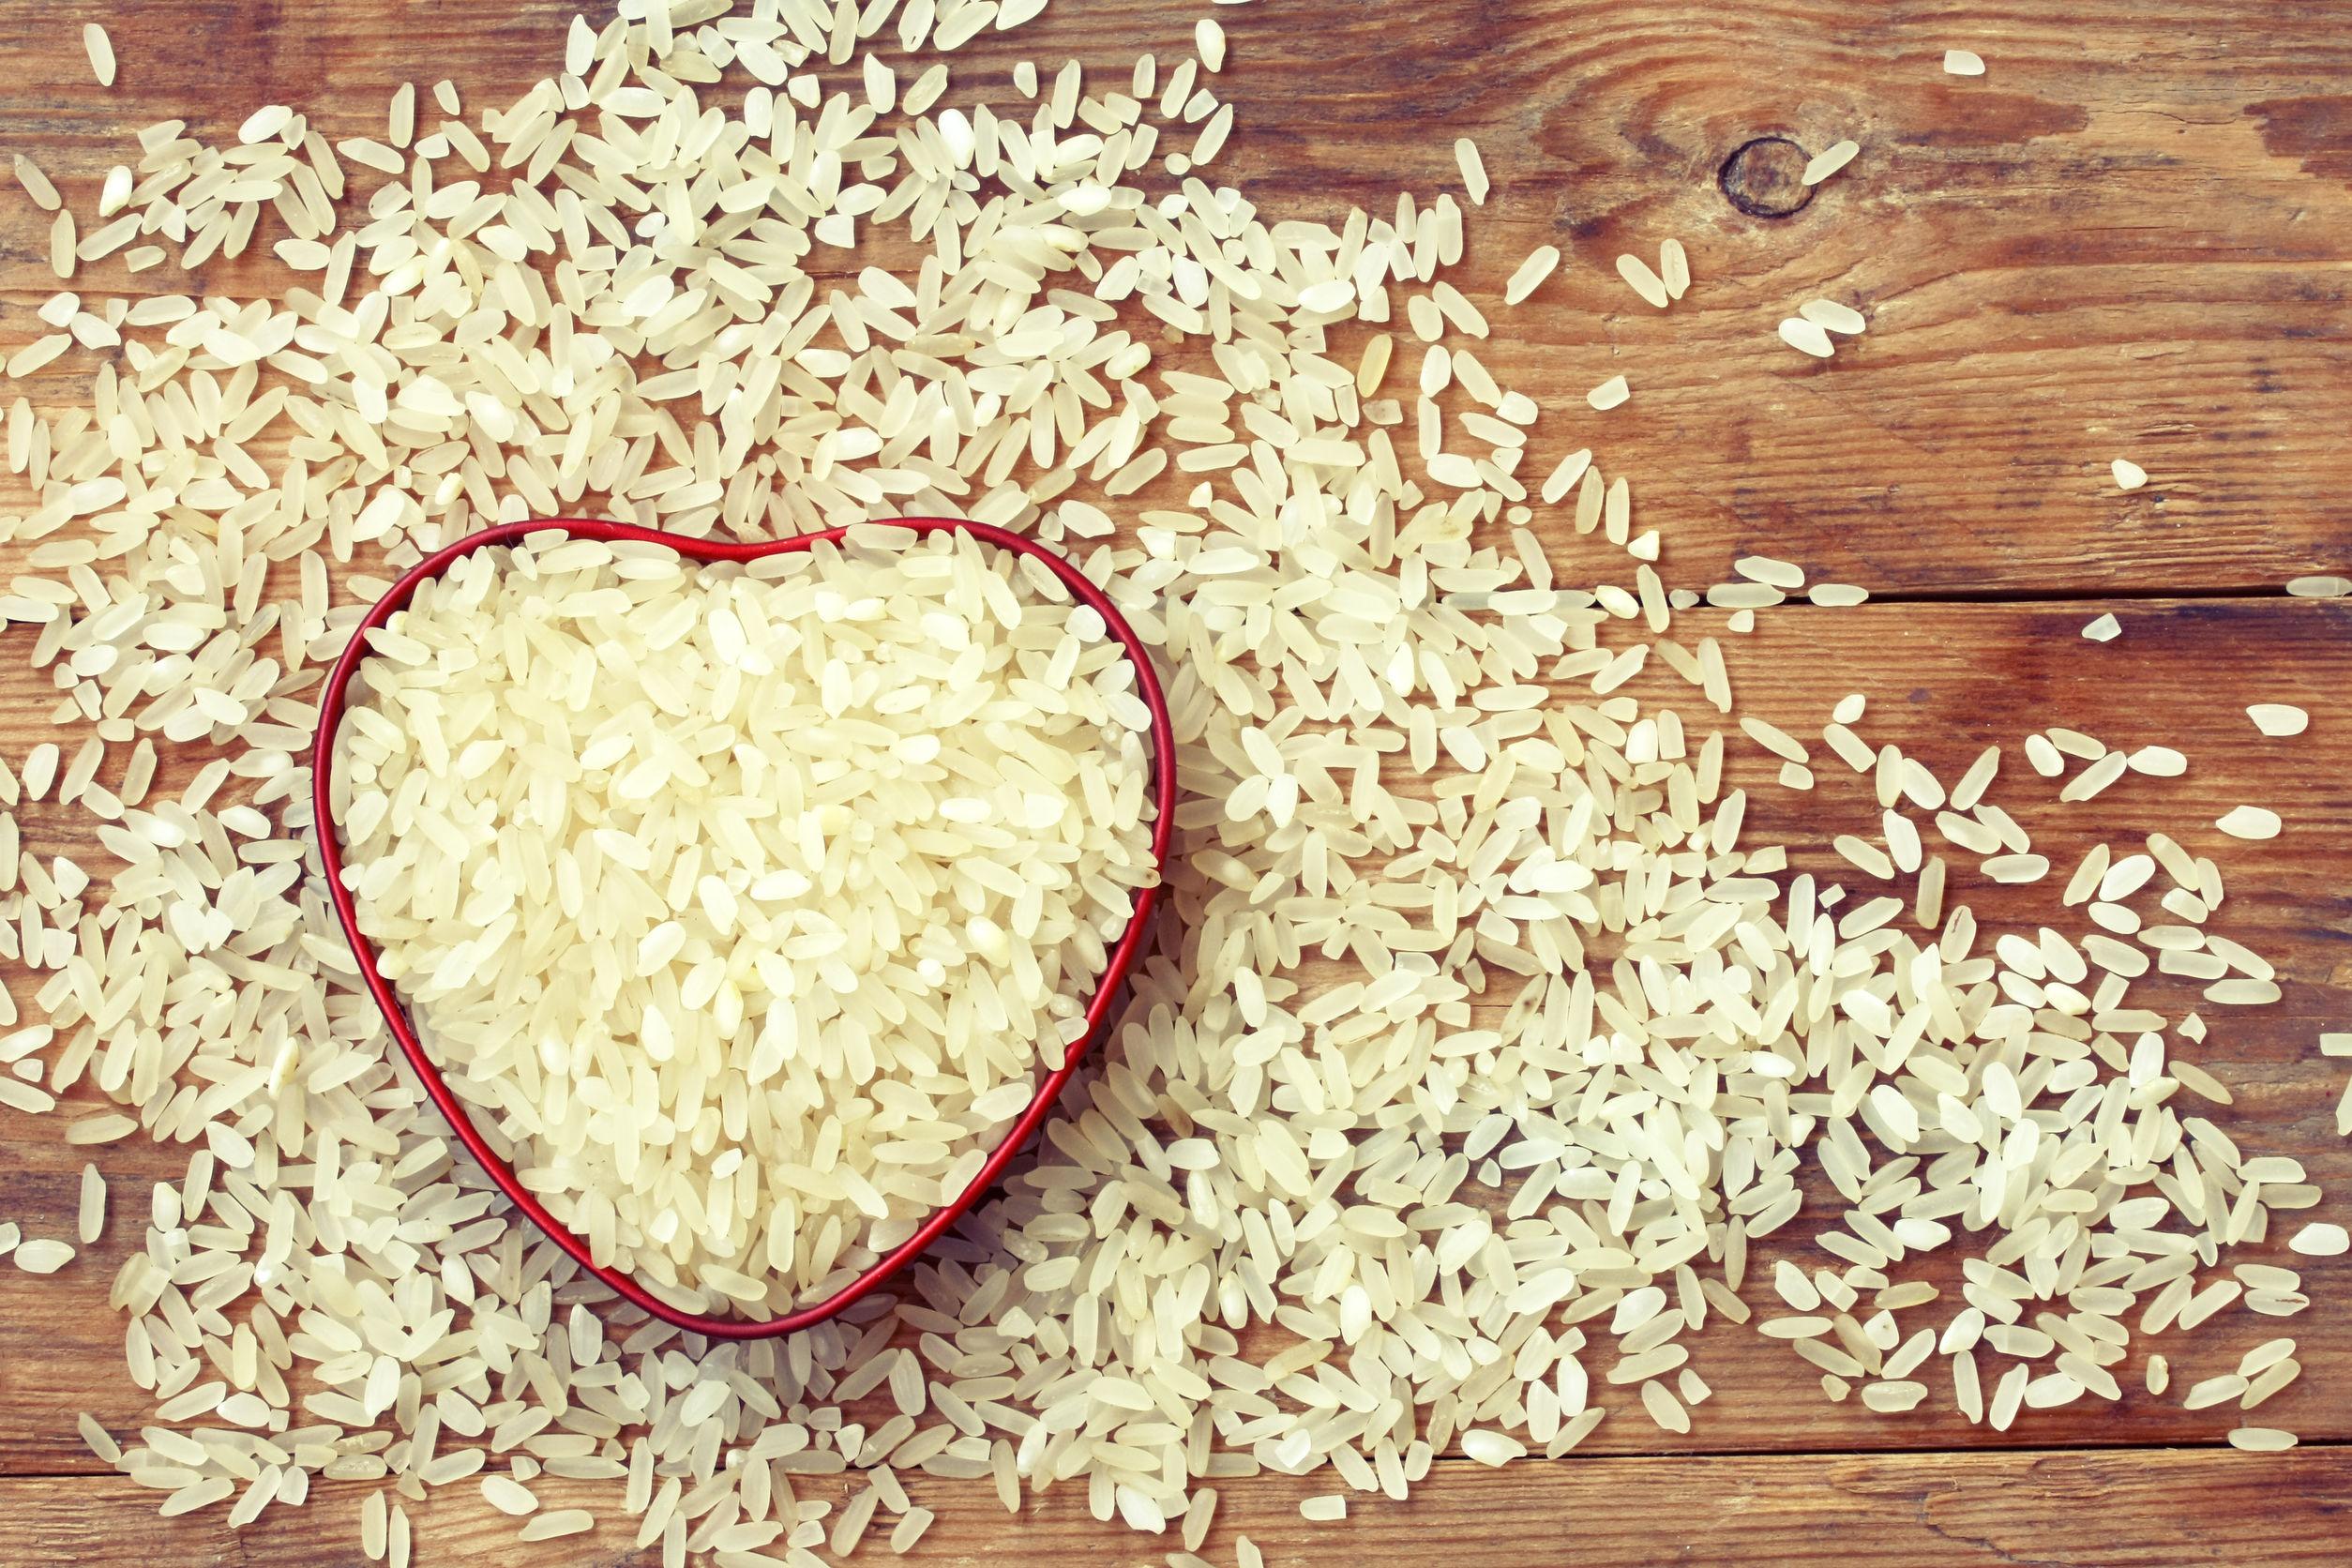 White rice inside red heart shape spilling onto wooden plank